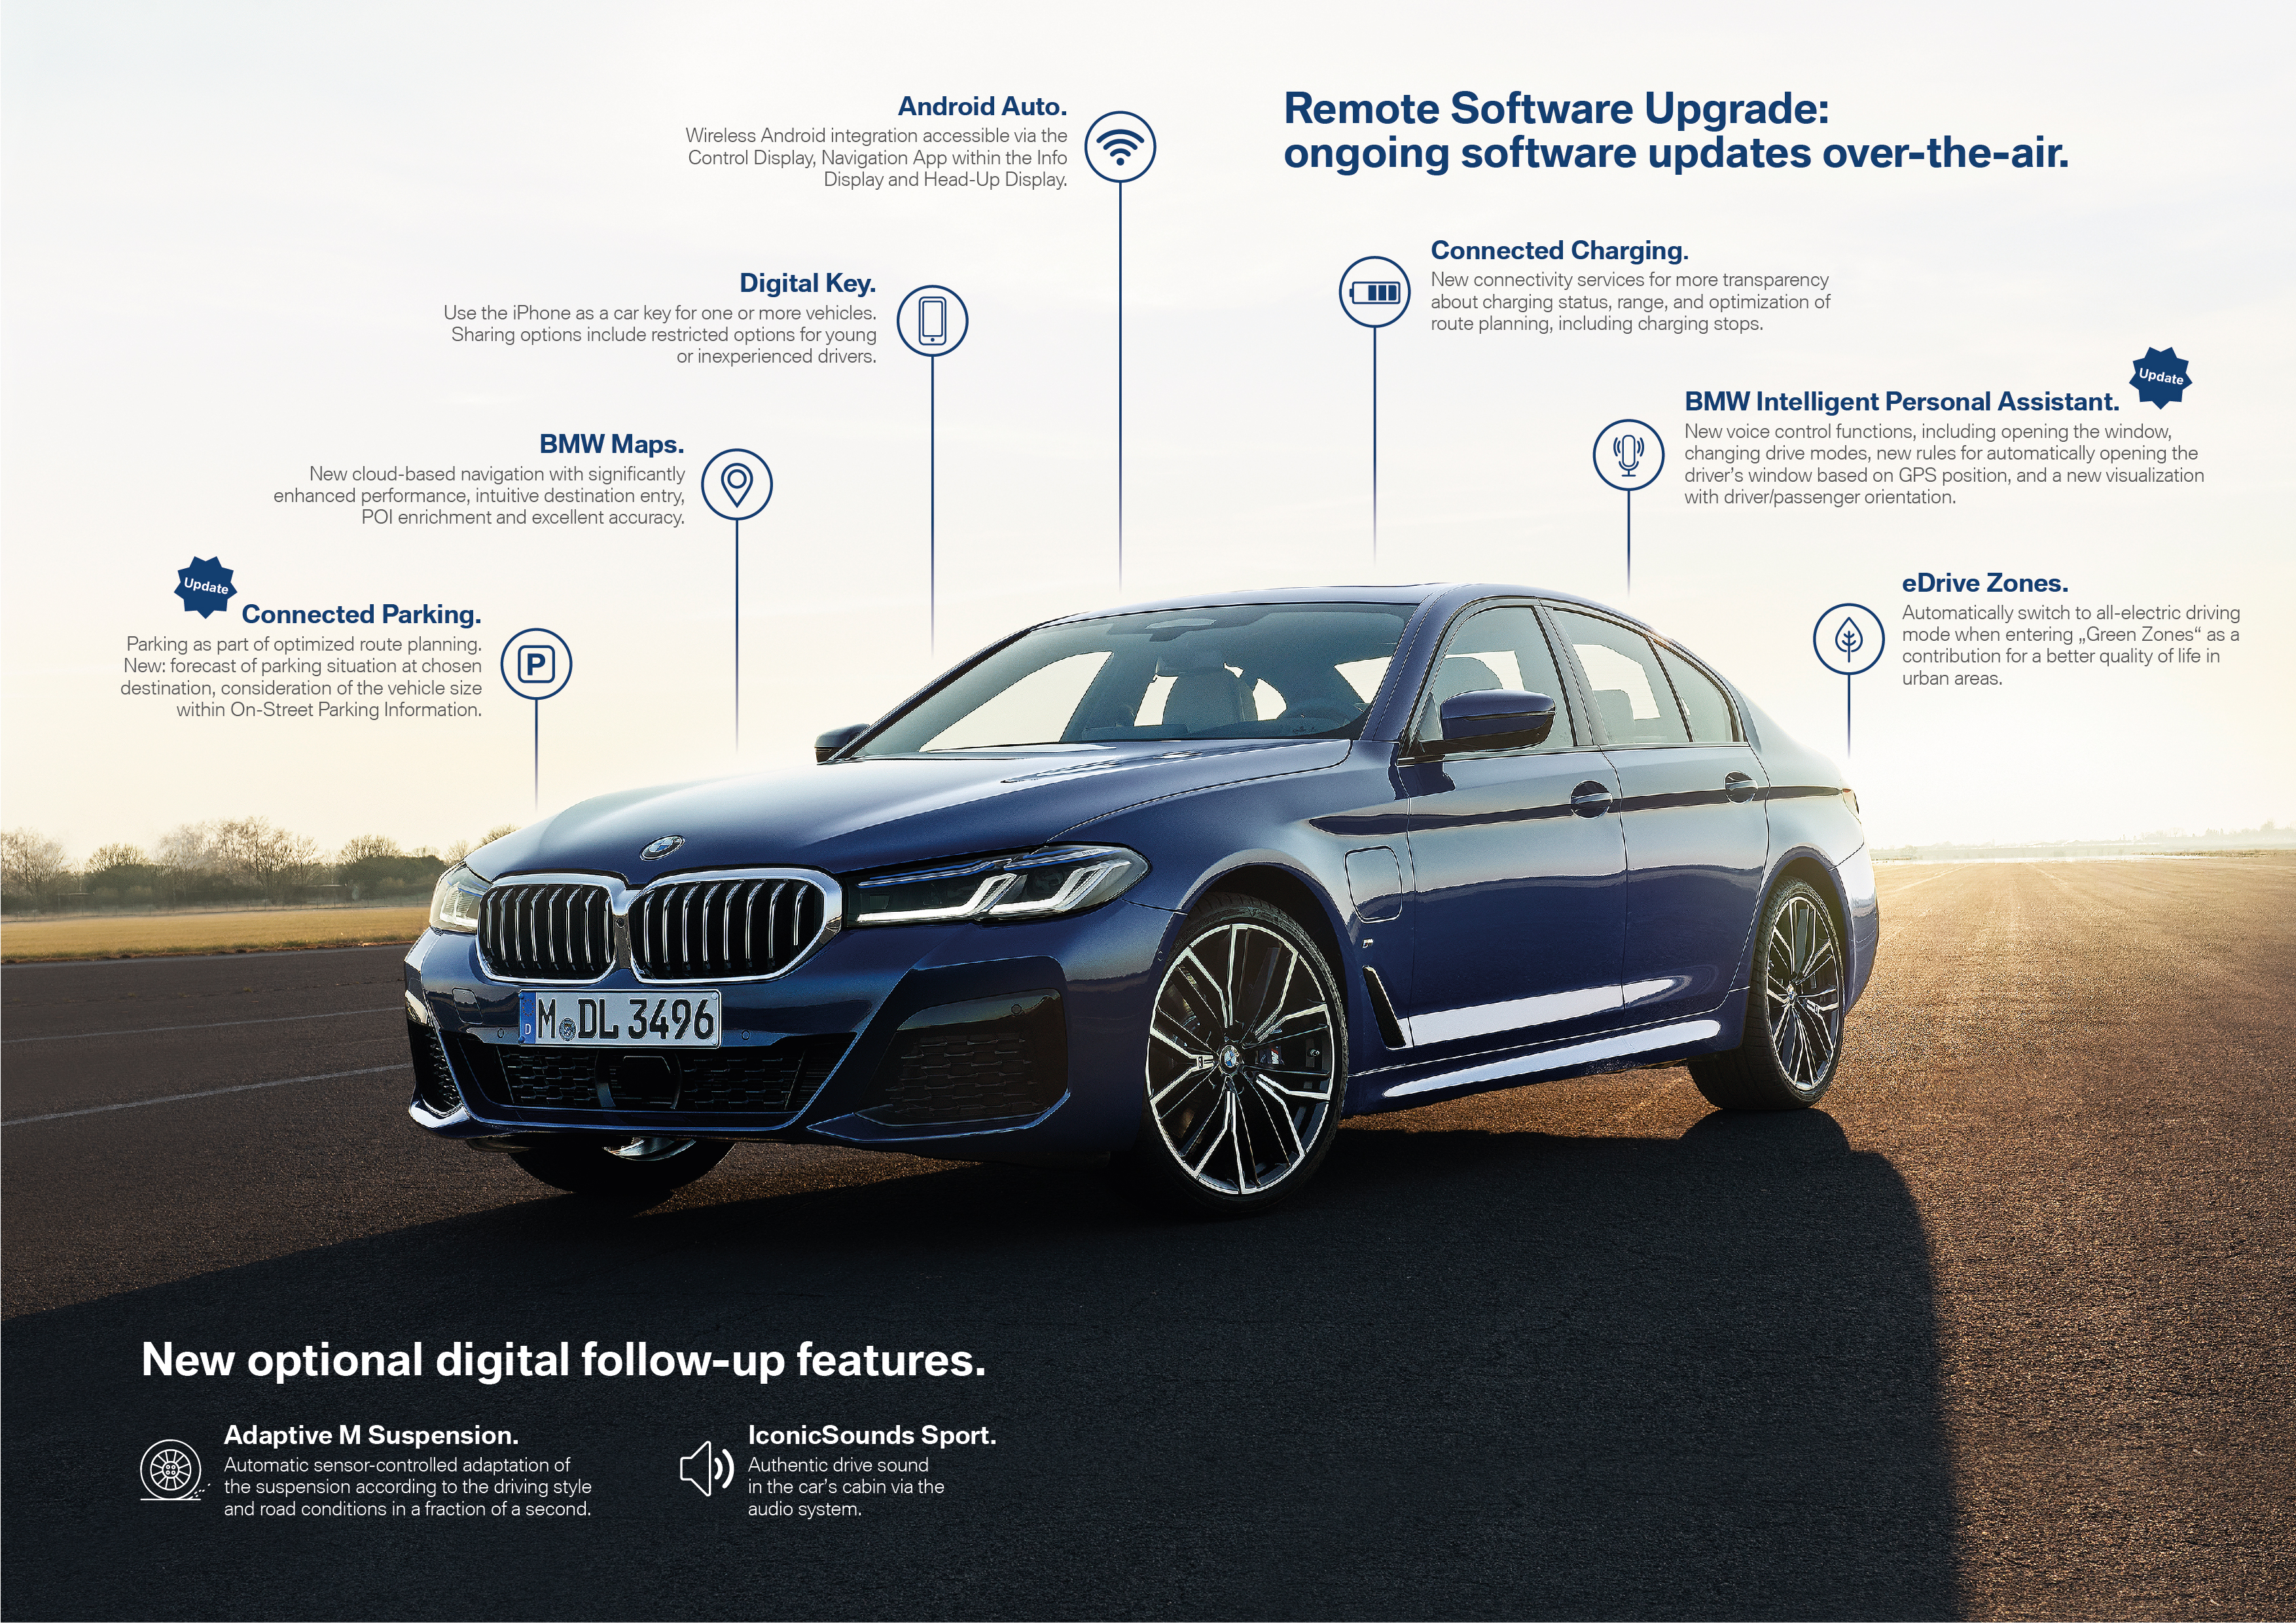 BMW ще предлага допълнителни екстри за автомобилите си чрез абонаменти